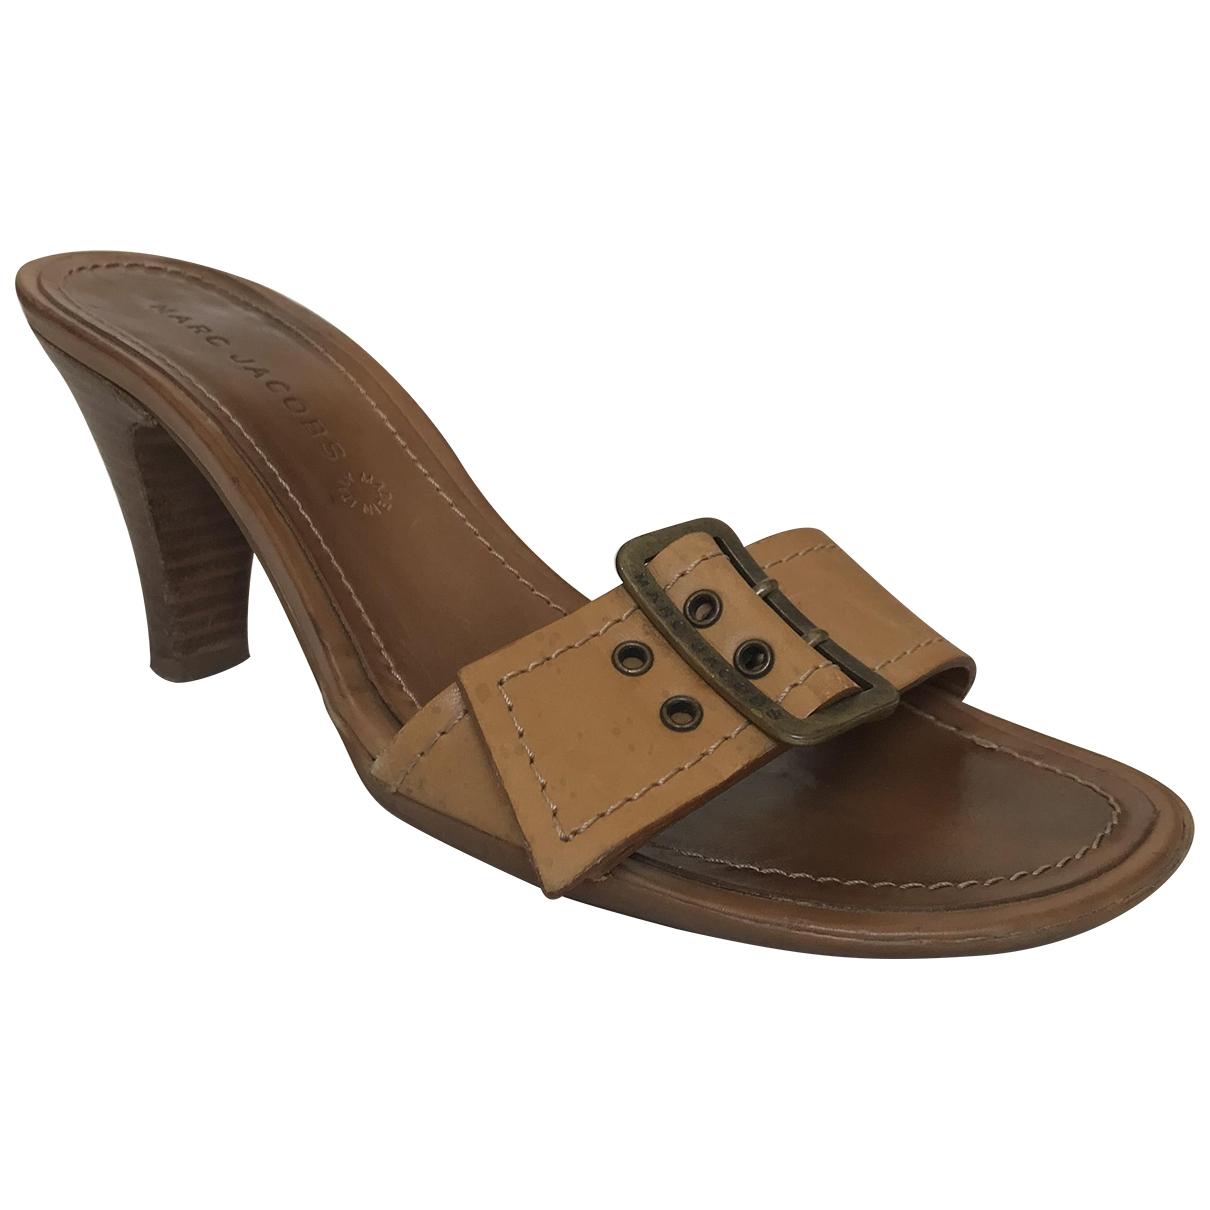 Marc Jacobs - Sandales   pour femme en cuir - beige